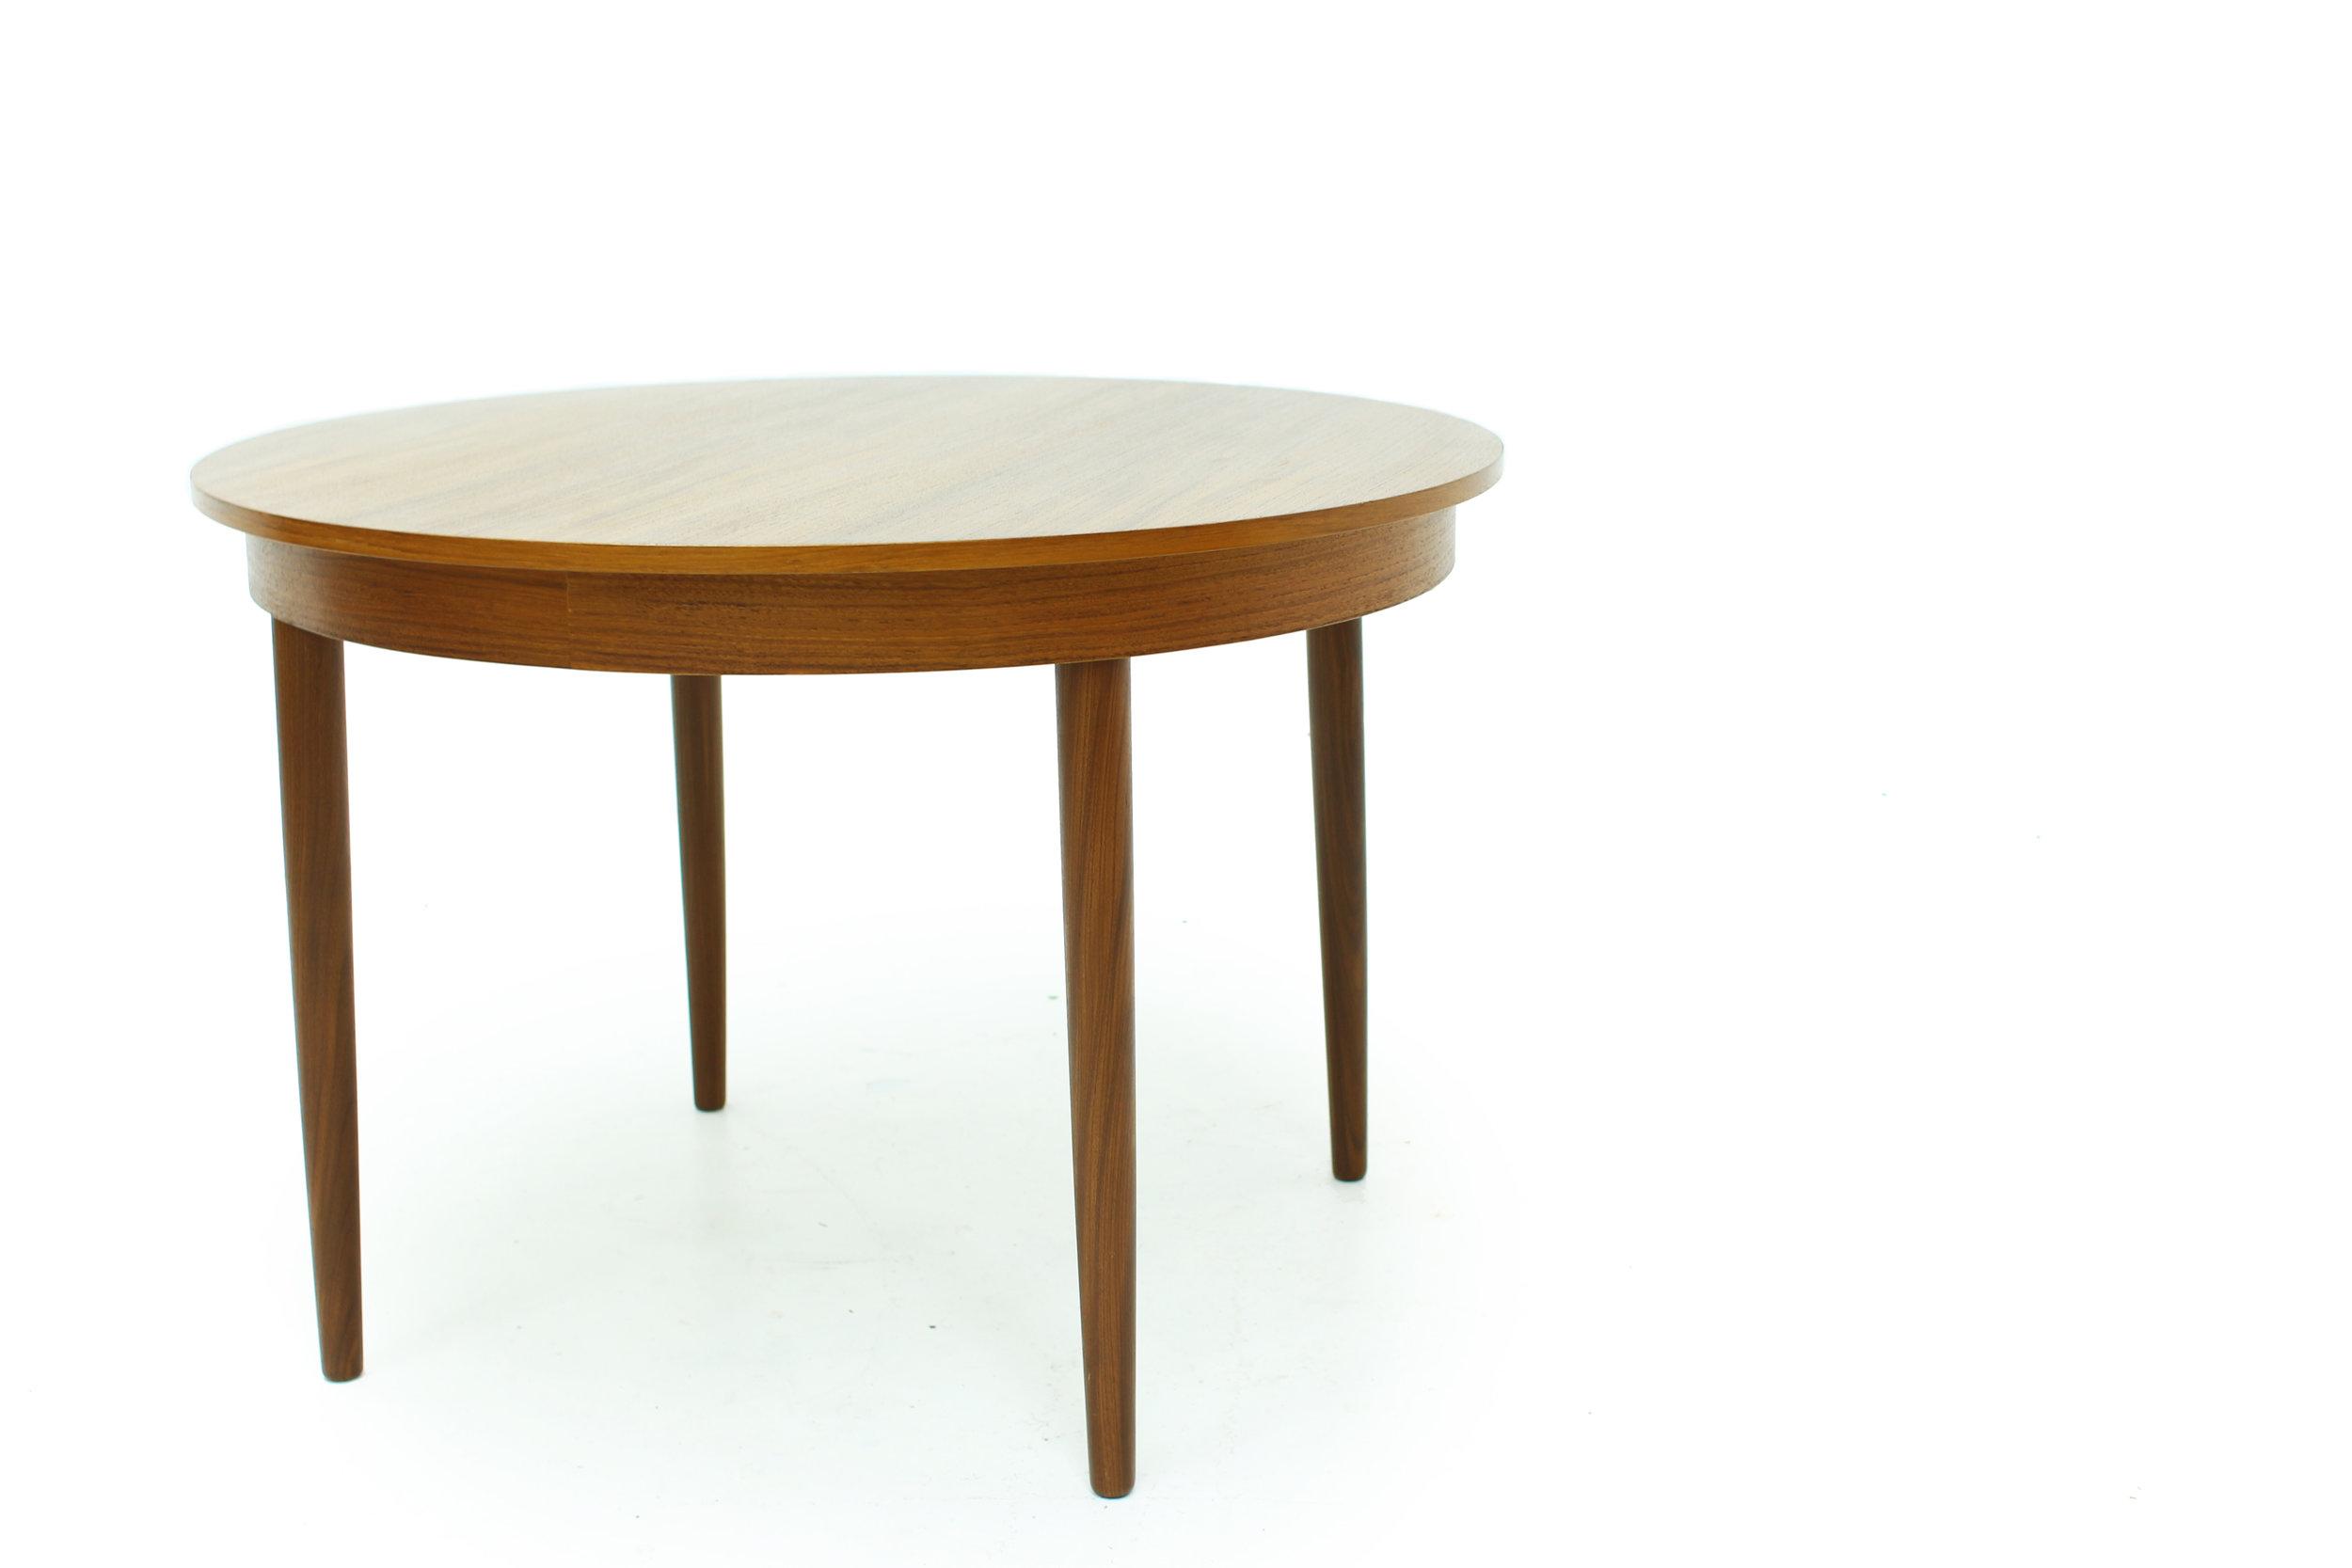 MCM Round Teak Dining Table Made in Denmark(4).jpg